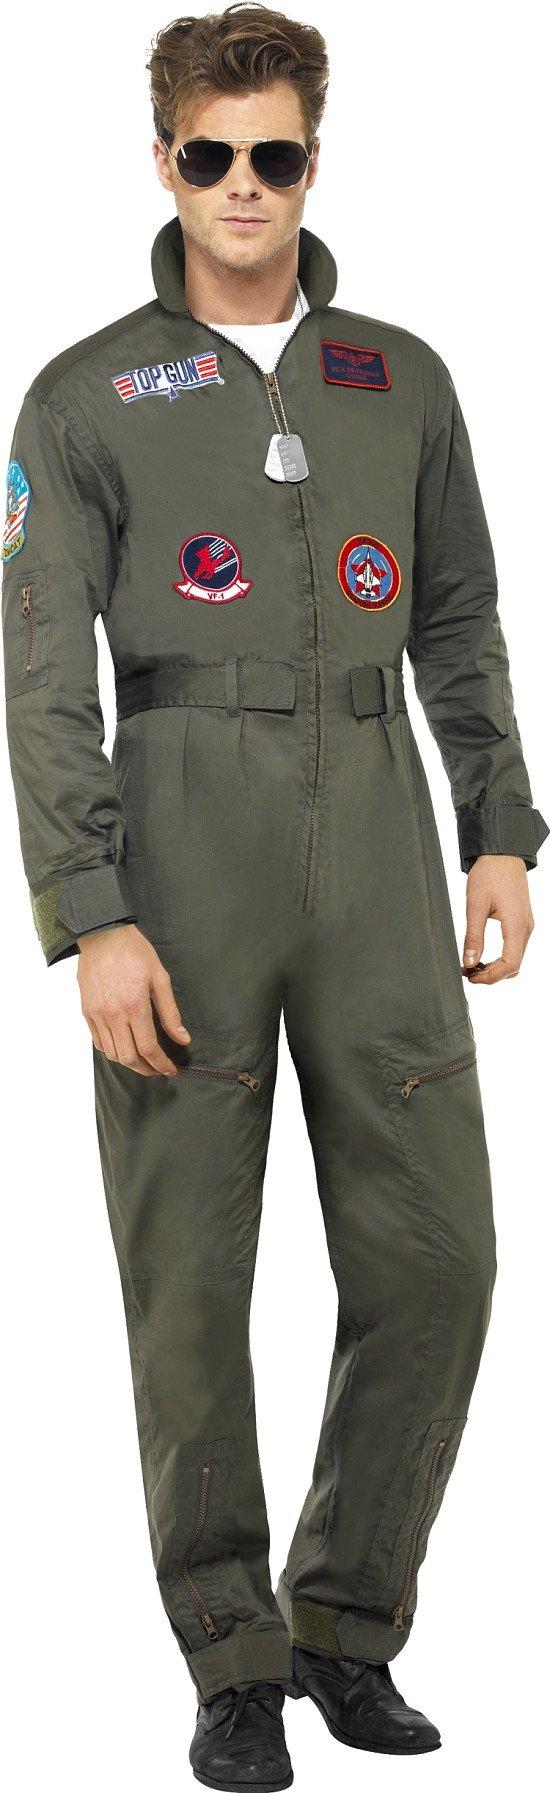 Top Gun Deluxe Jumpsuit - £58.00!